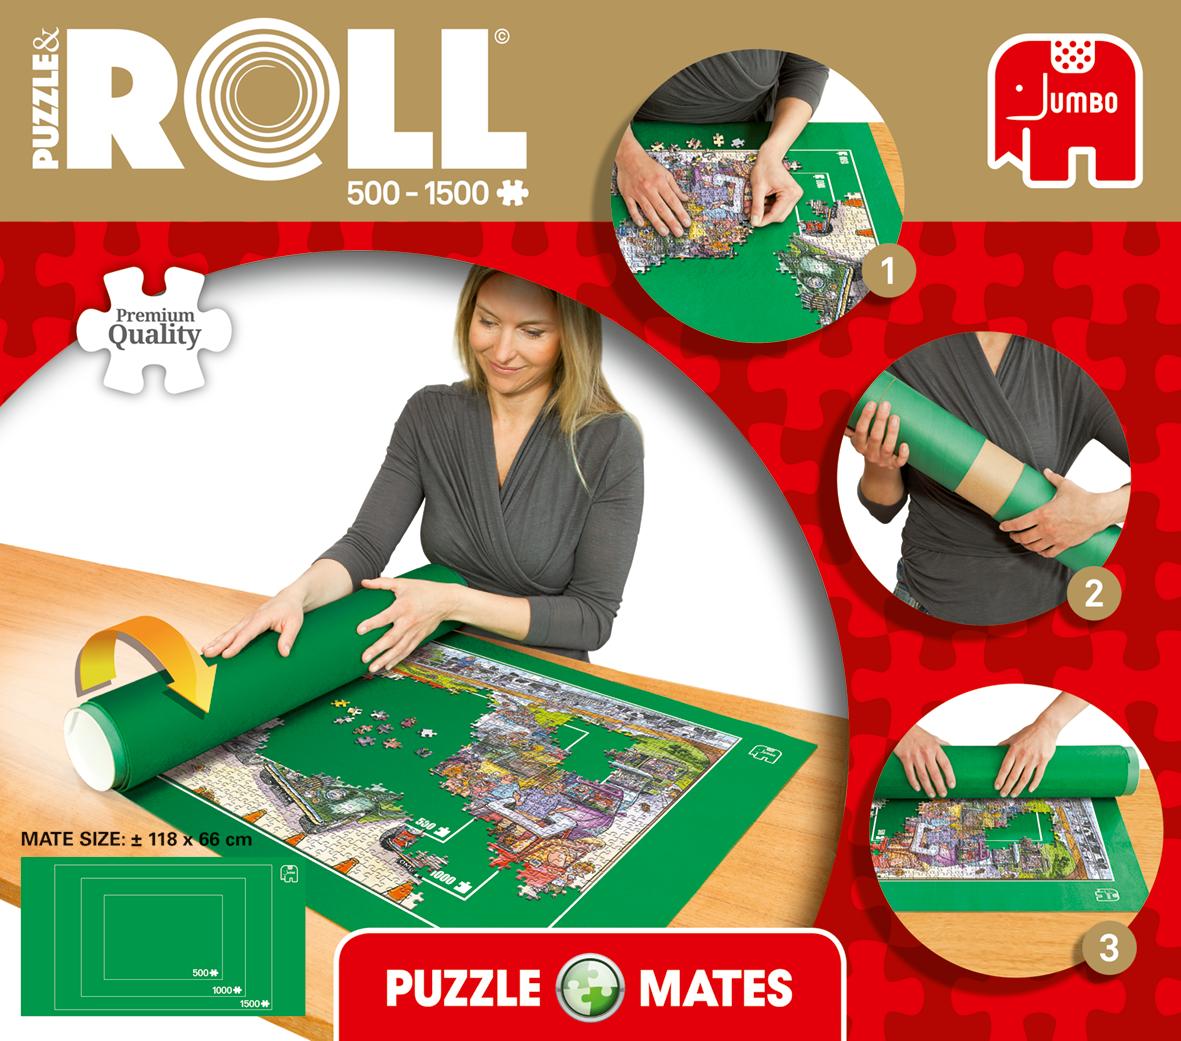 Jumbo Puzzle &roll mat 500-1500pcs 17690